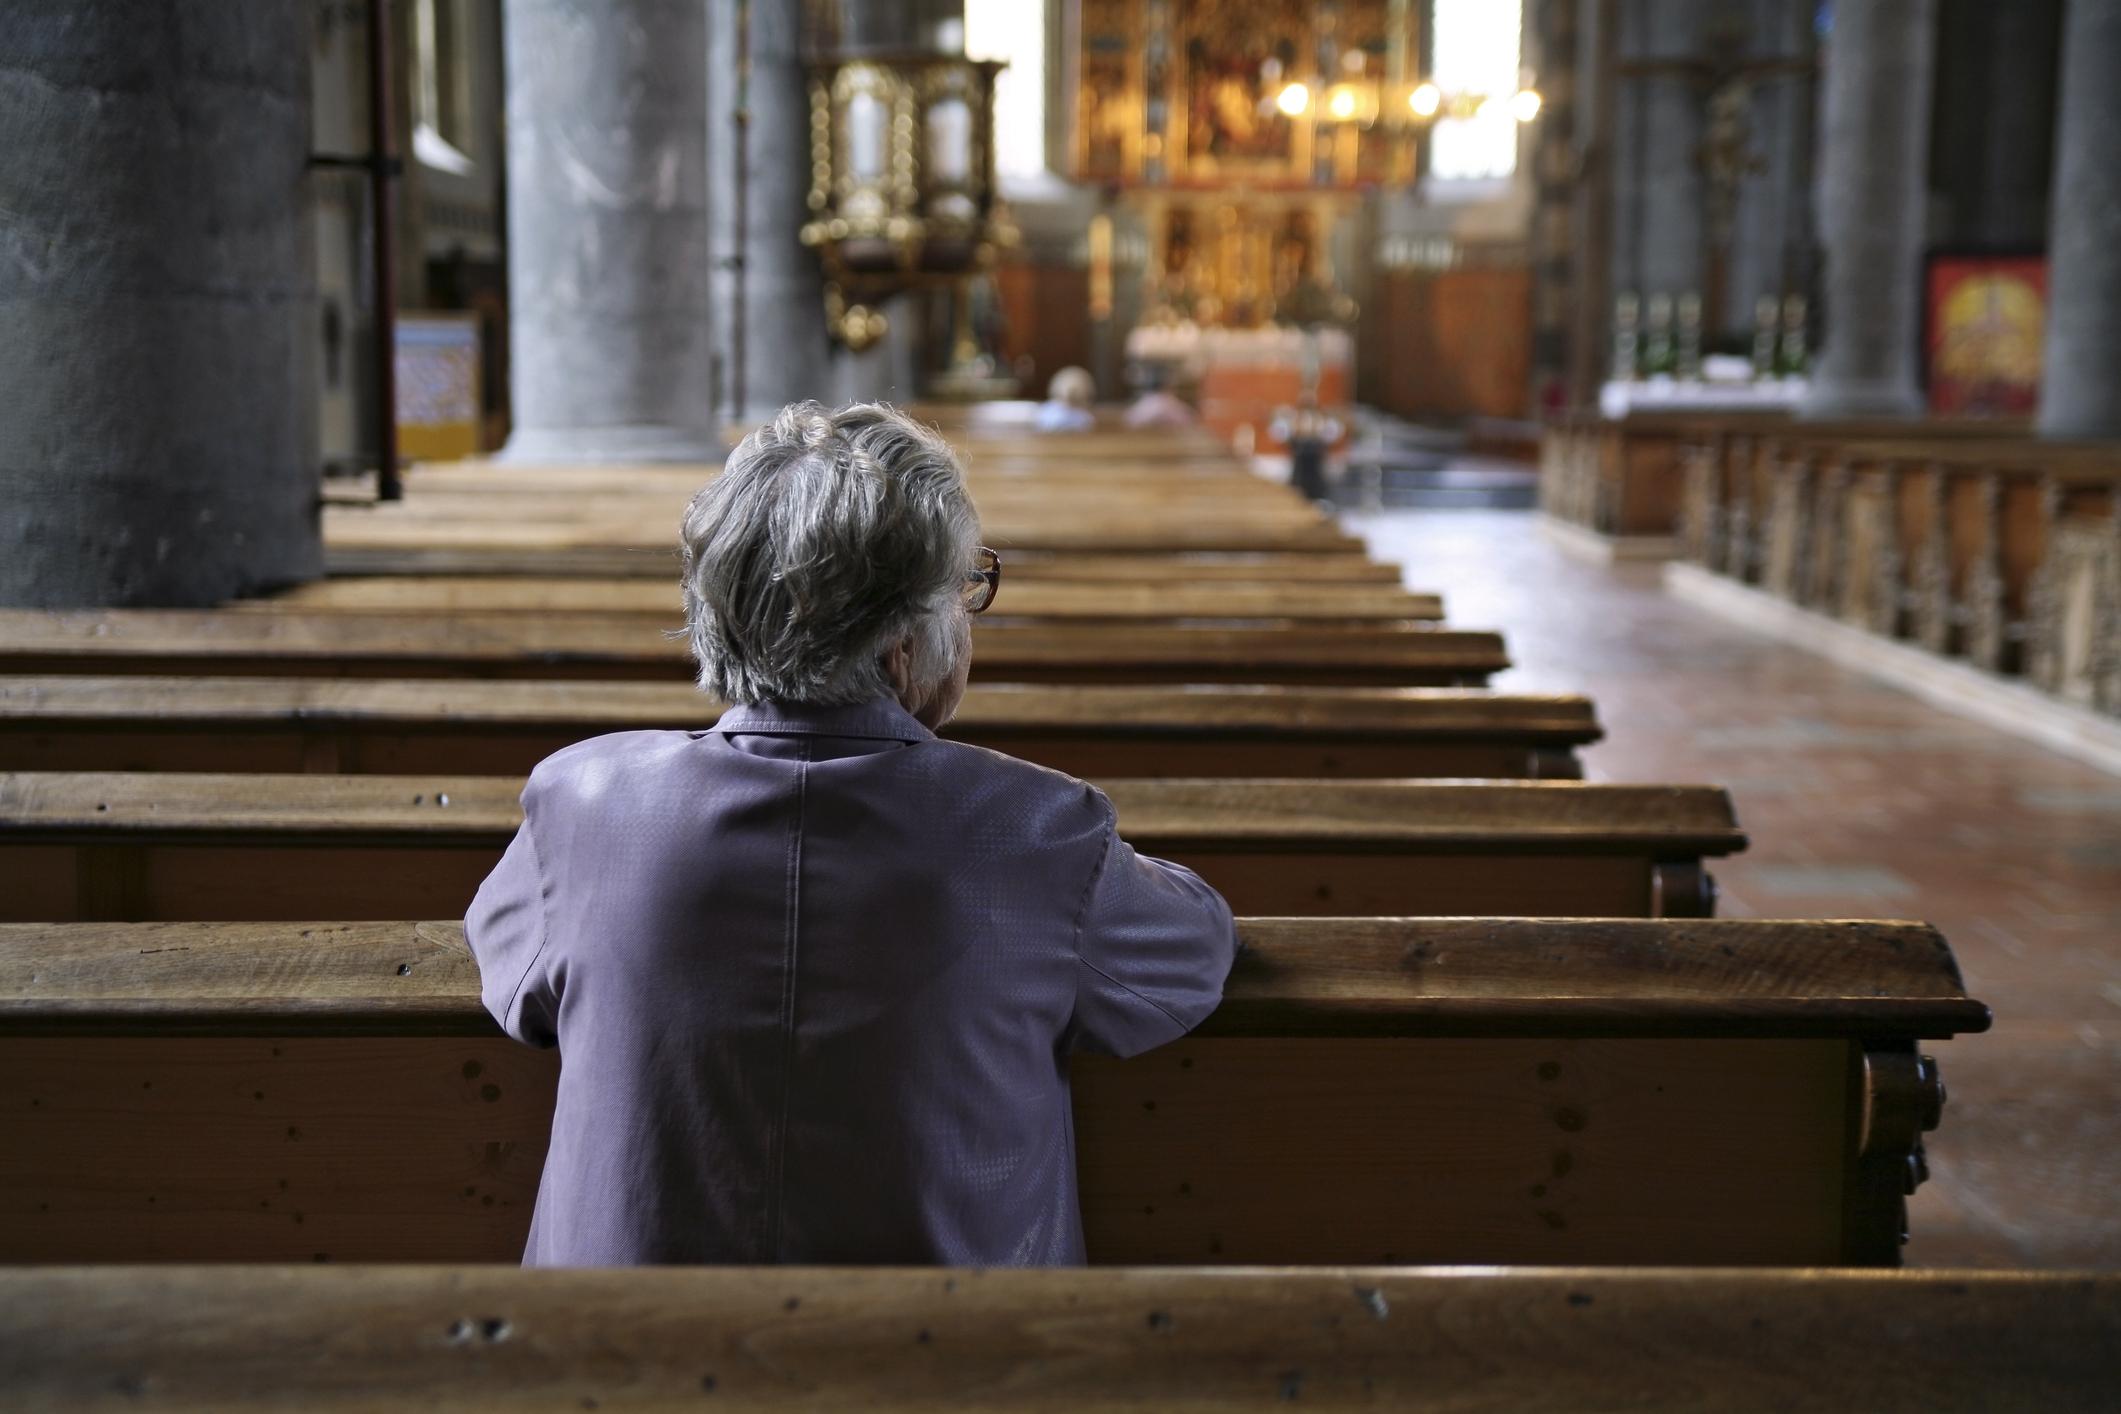 church offering prayer - 1024×683